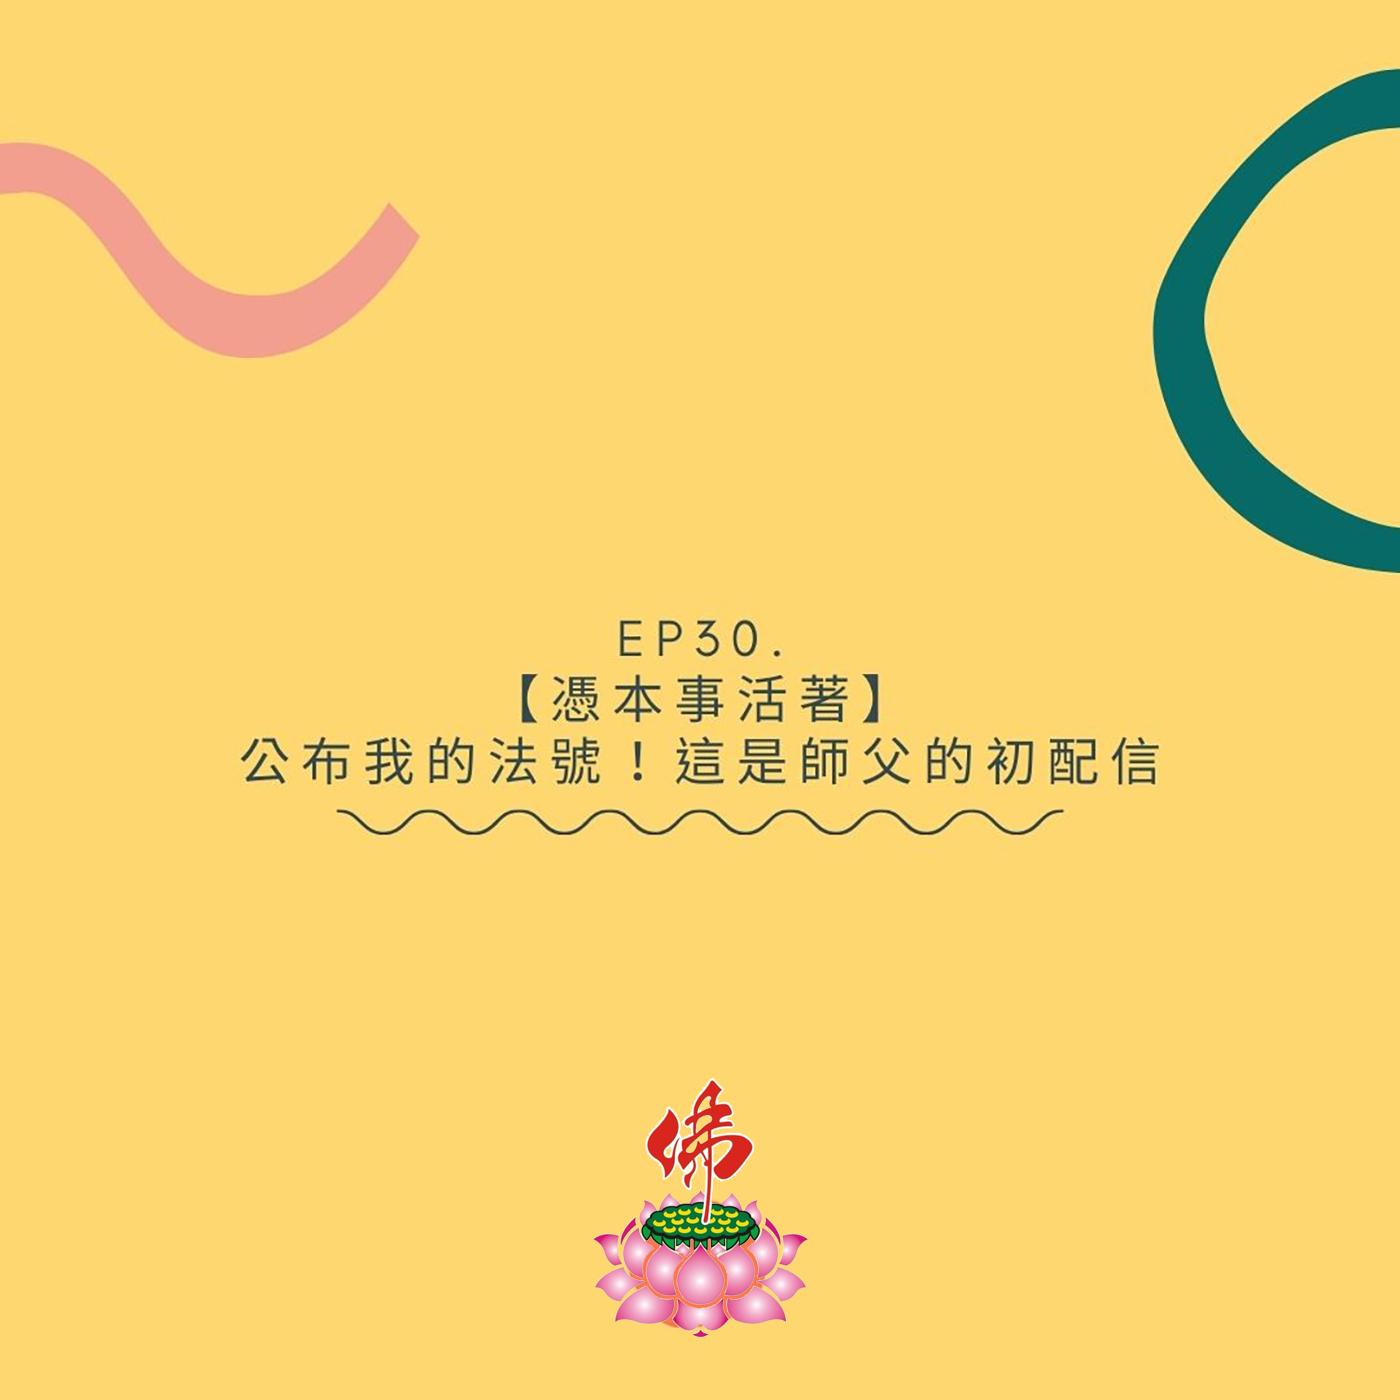 EP30-【憑本事活著】公布我的法號!這是師父的初配信